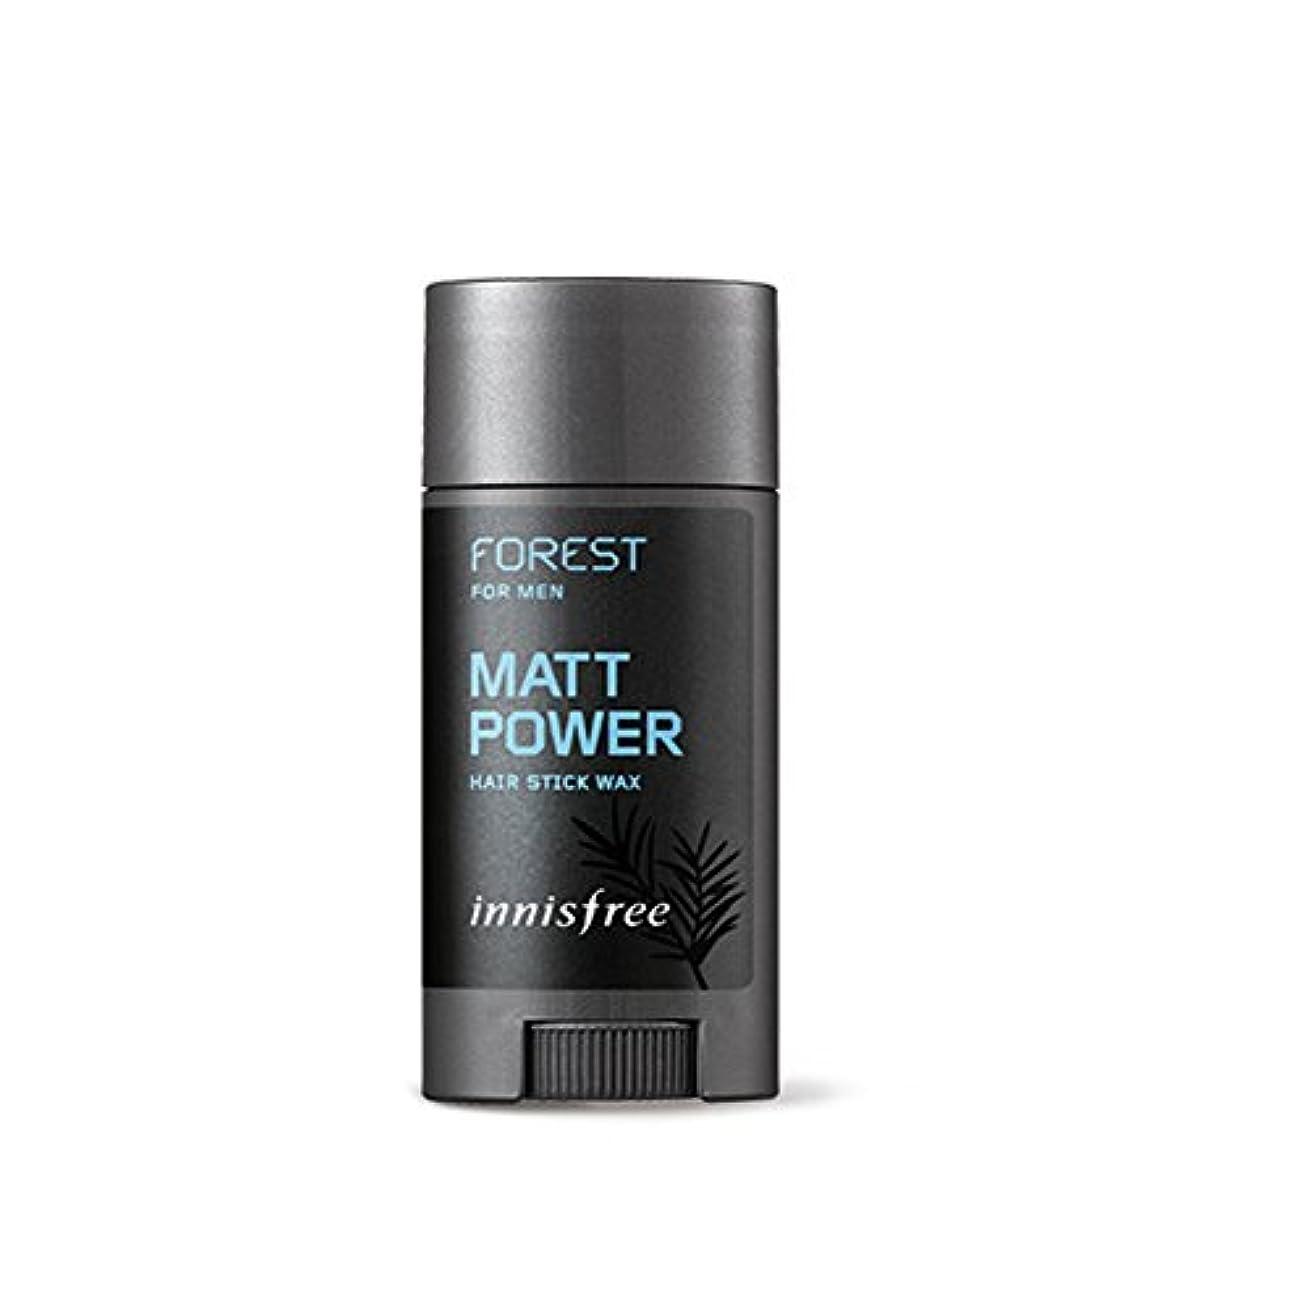 鎮静剤海峡ひも鷹イニスフリーフォレストメンズヘアスティックワックス、マットパワー15g / Innisfree Forest for Men Hair Stick Wax, Matt Power 15g [並行輸入品][海外直送品]